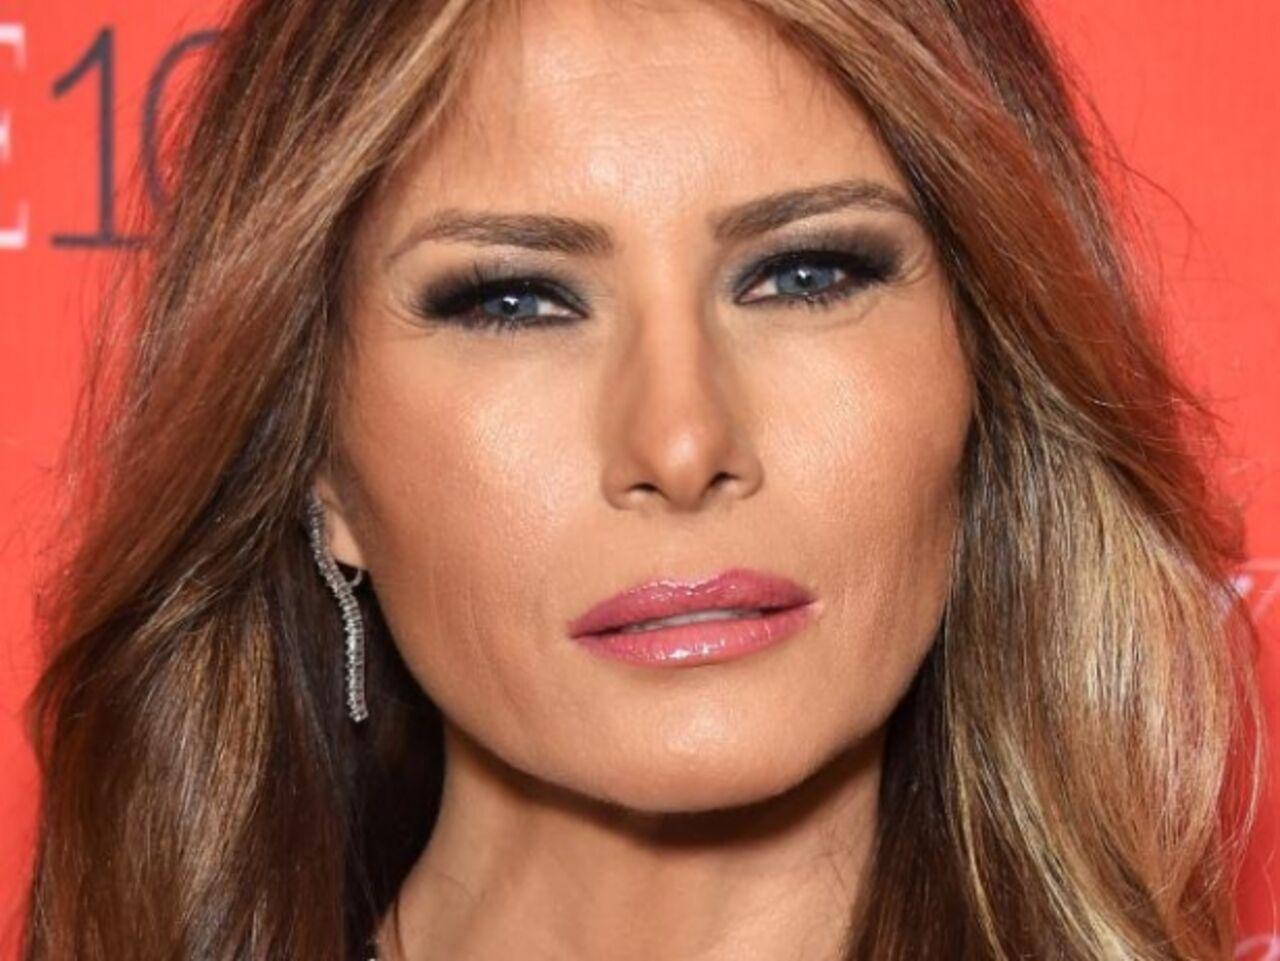 Американки стали массово менять внешность под Меланию Трамп